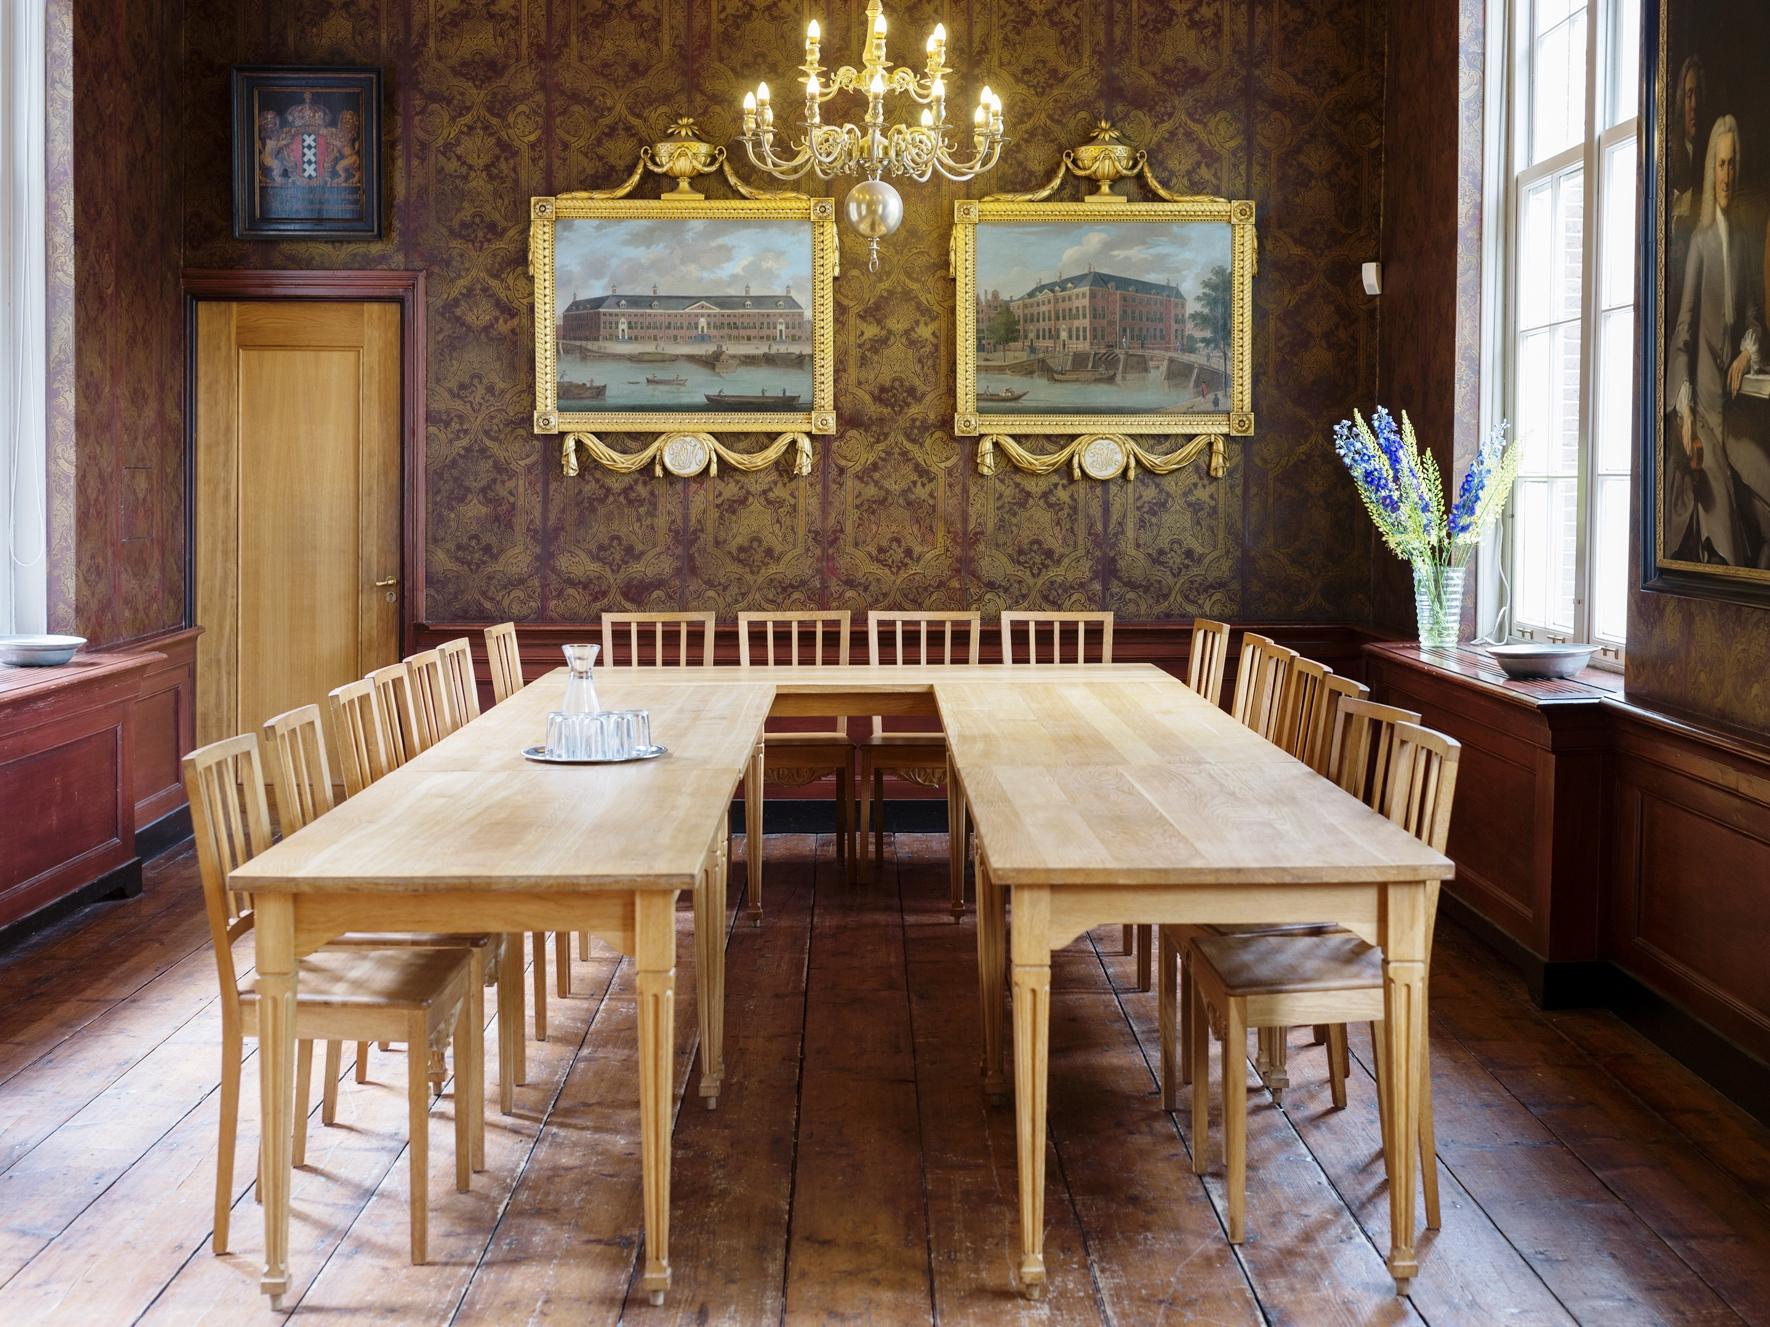 Gelagkamer  - historische vergaderzaal met open haard en bar in 18de-eeuwse stijl tot 50 personen.